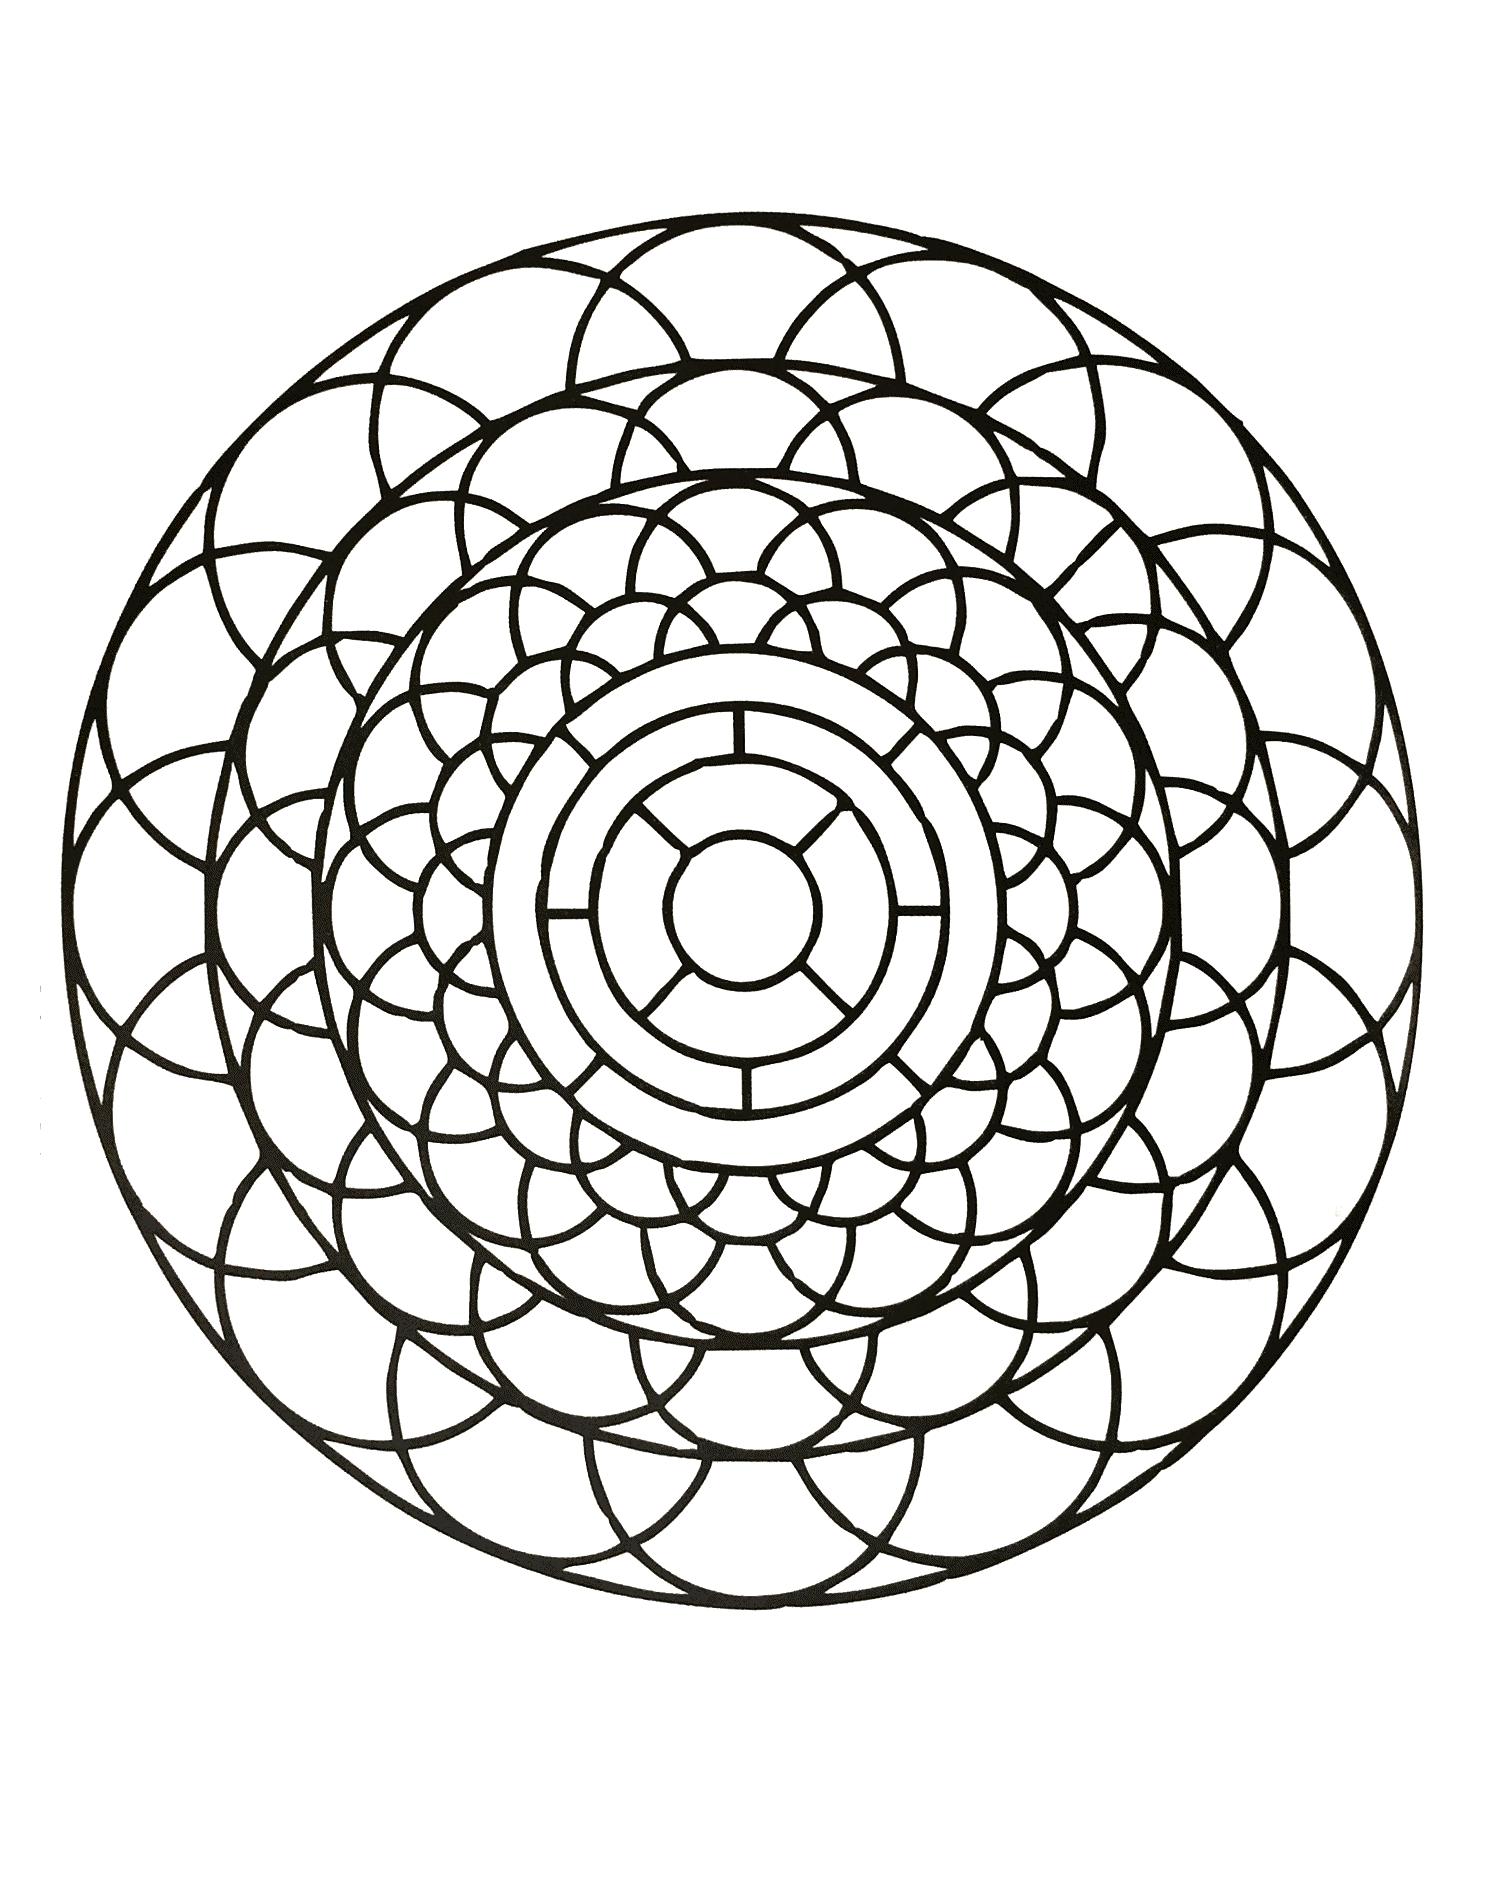 Mandalas - 81